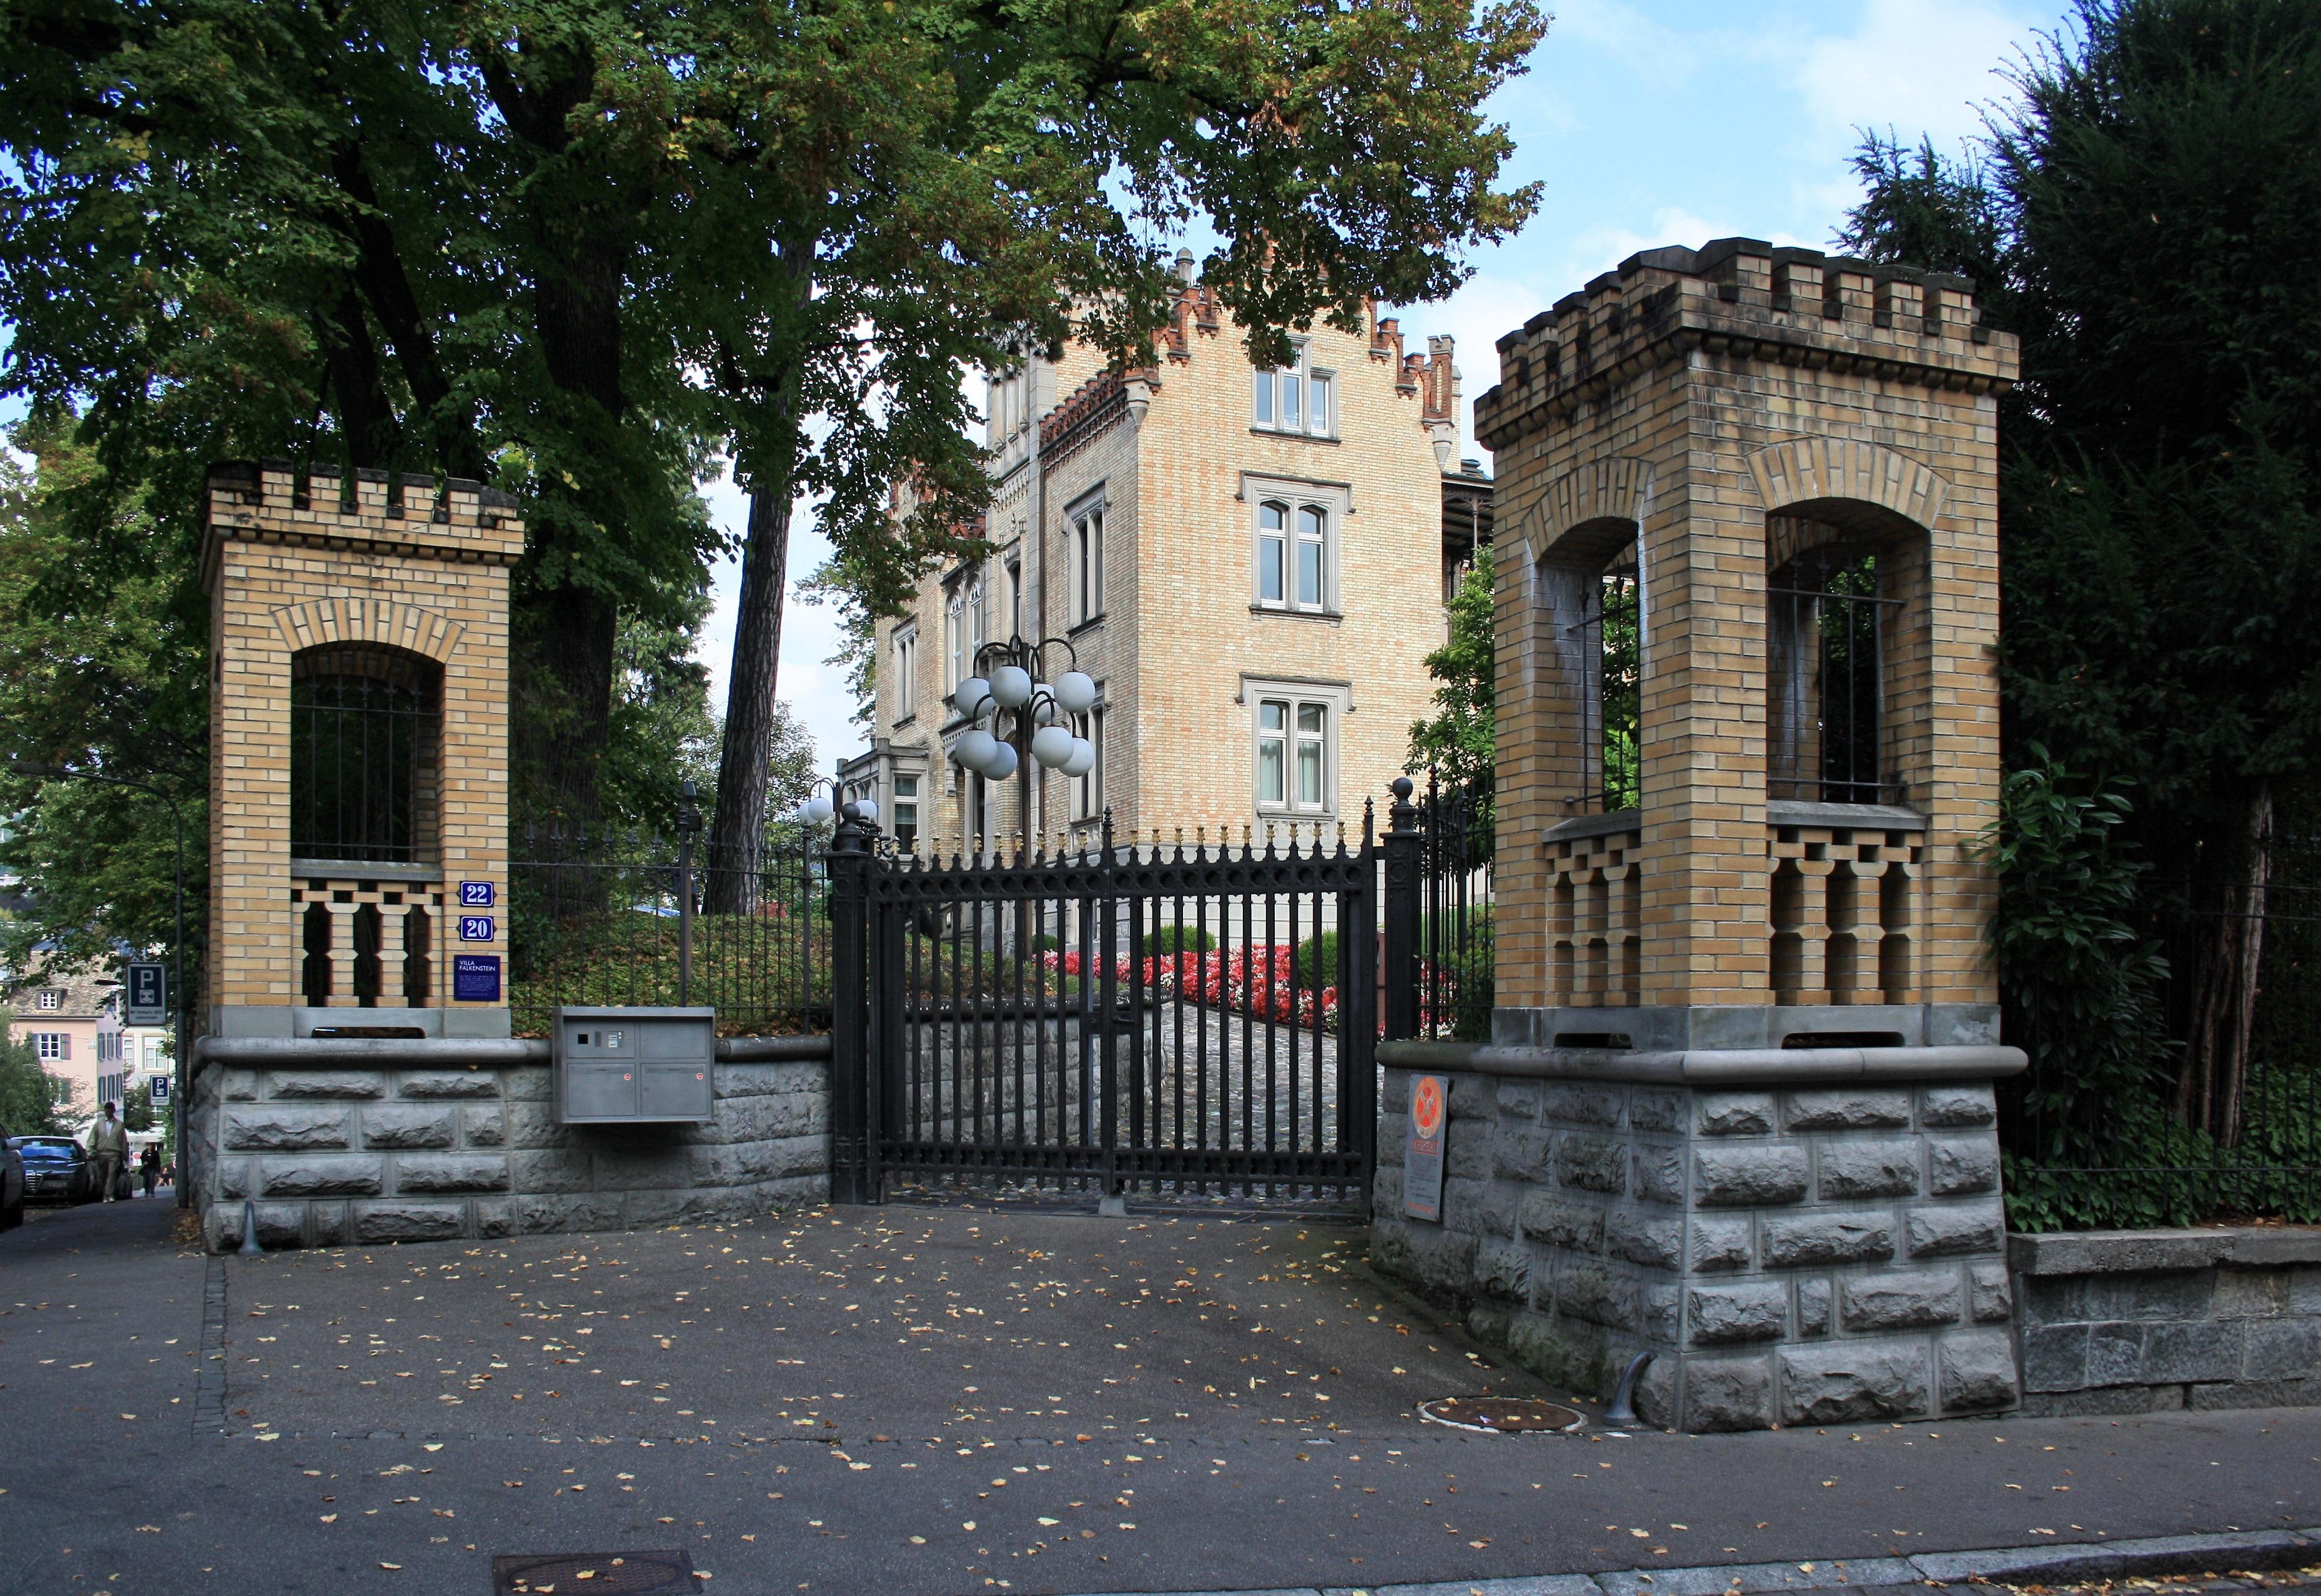 file zürich mühlebach villa falkenstein img 0455 shiftn jpg